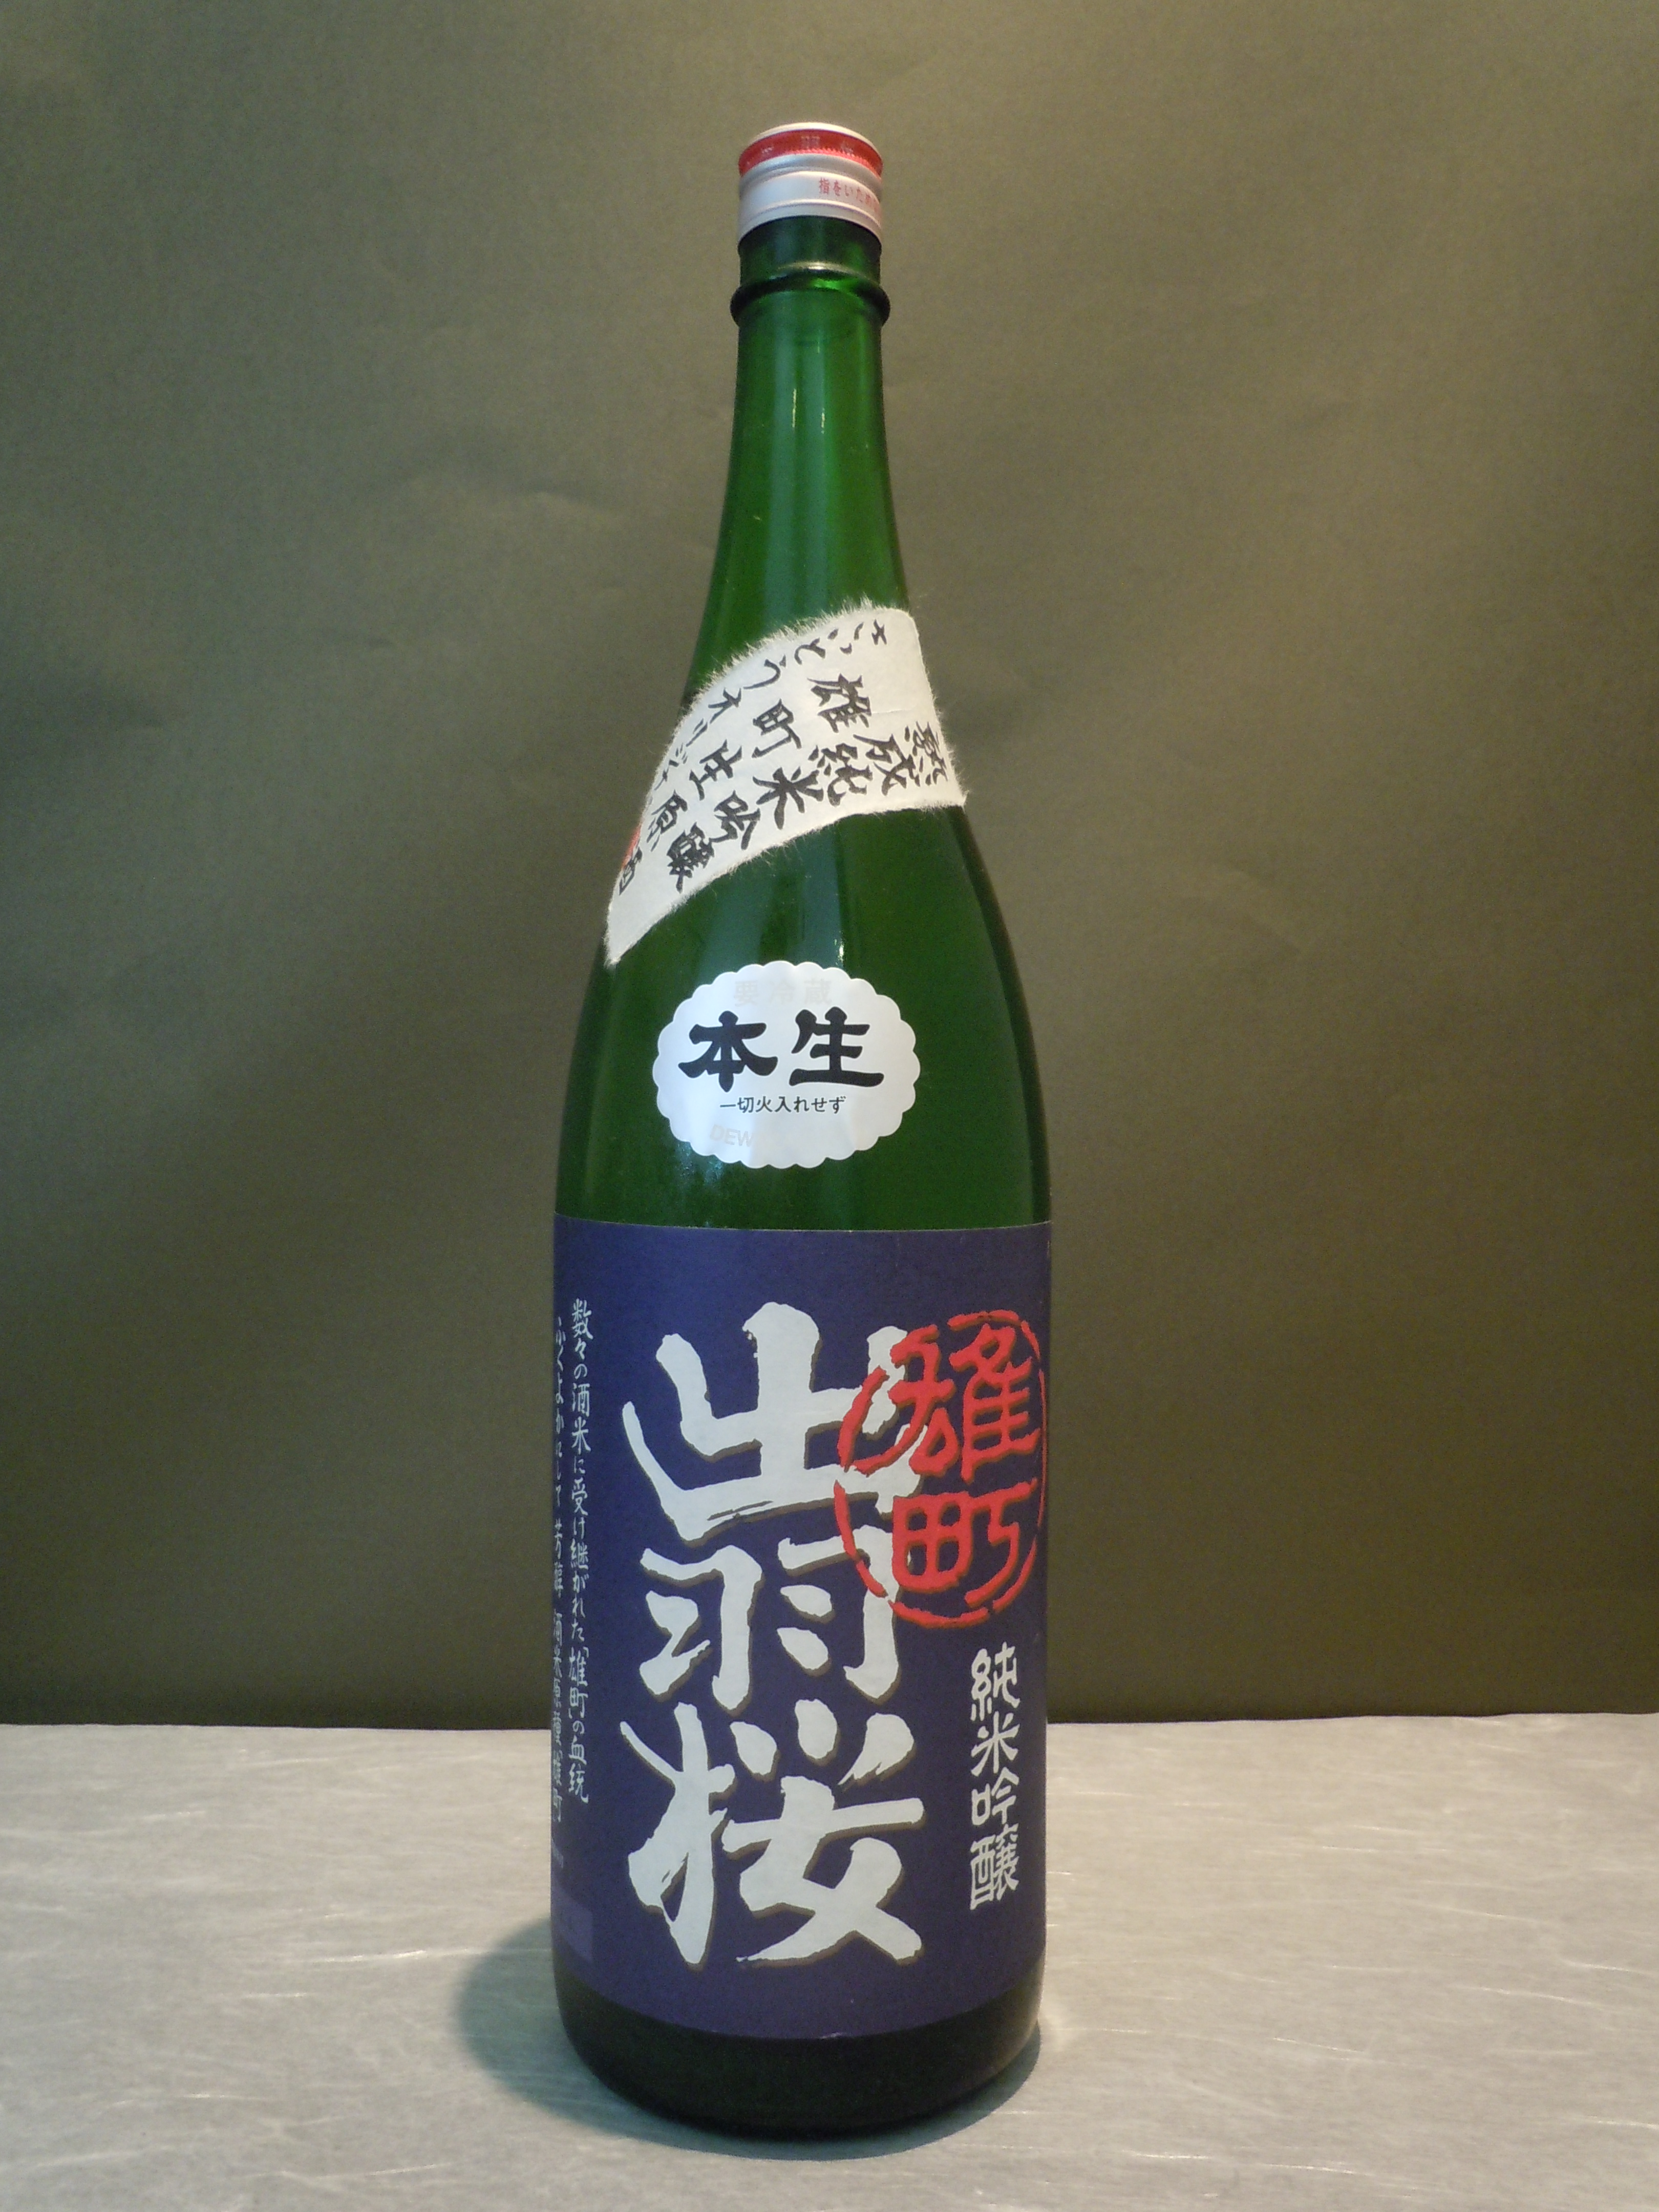 出羽桜 熟成純米吟醸 雄町 生原酒 本生 1.8ℓ